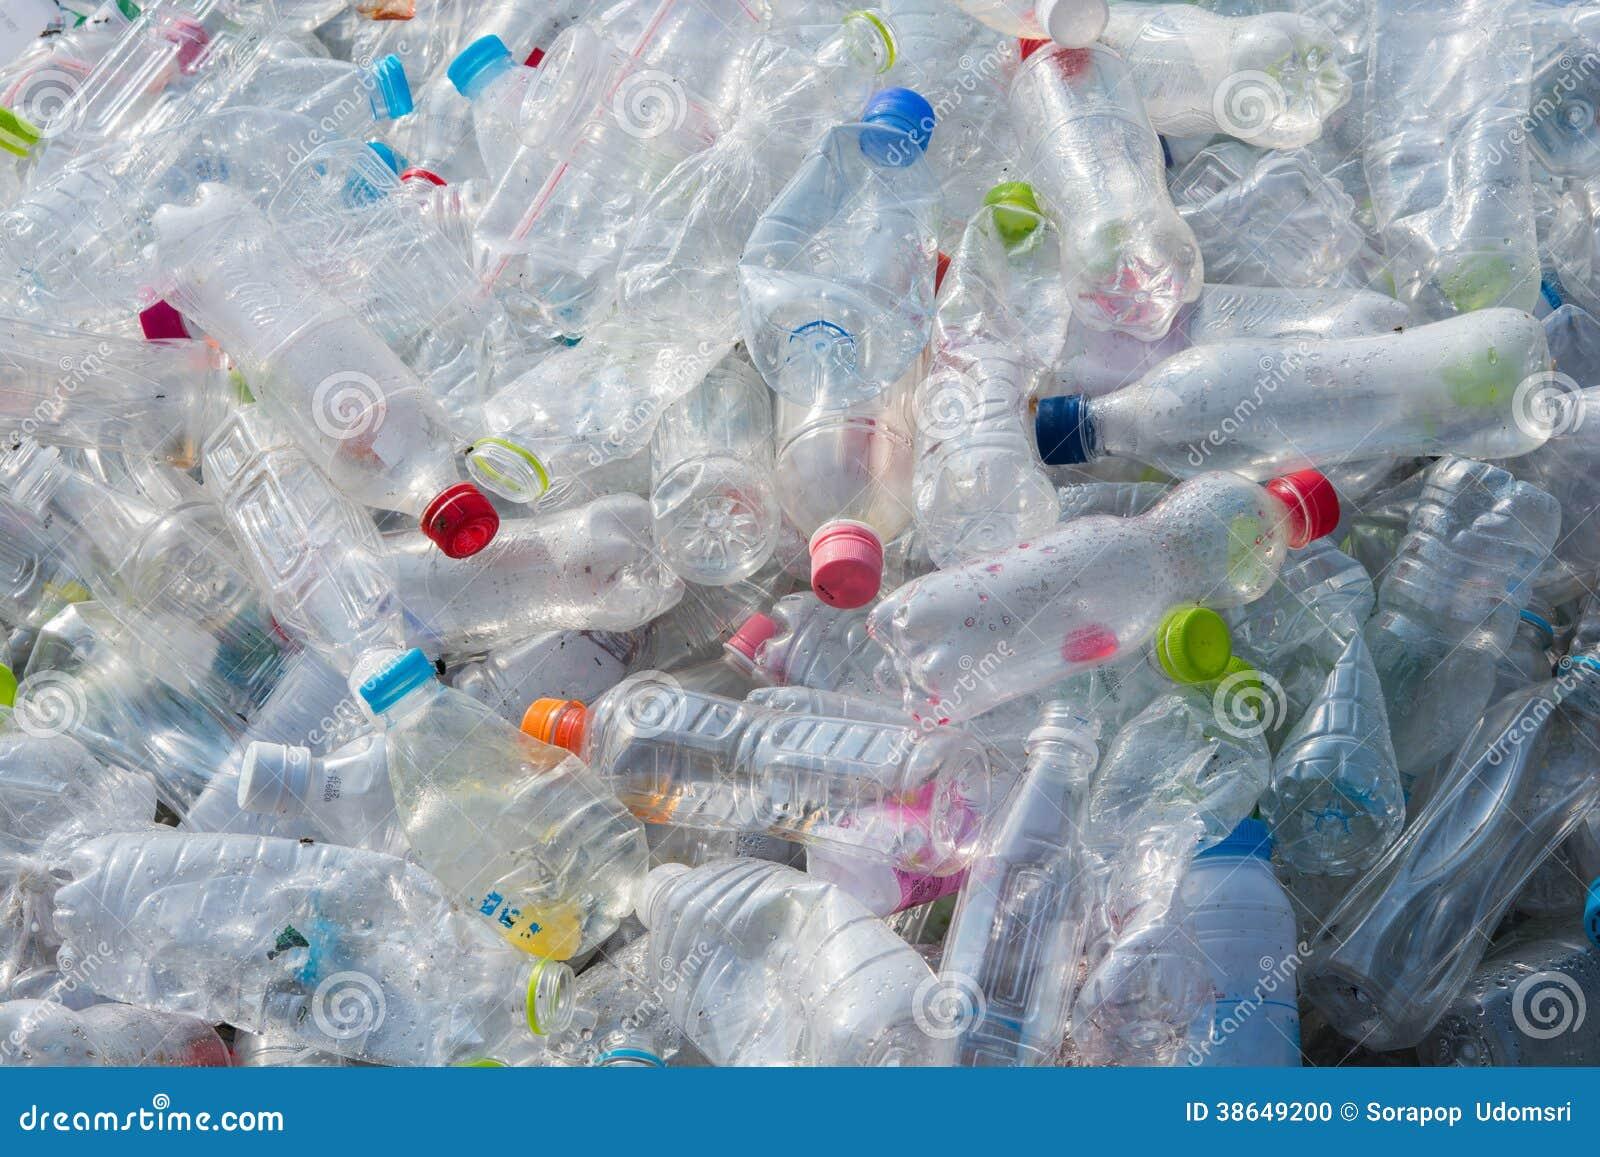 Recicle garrafas de água plásticas